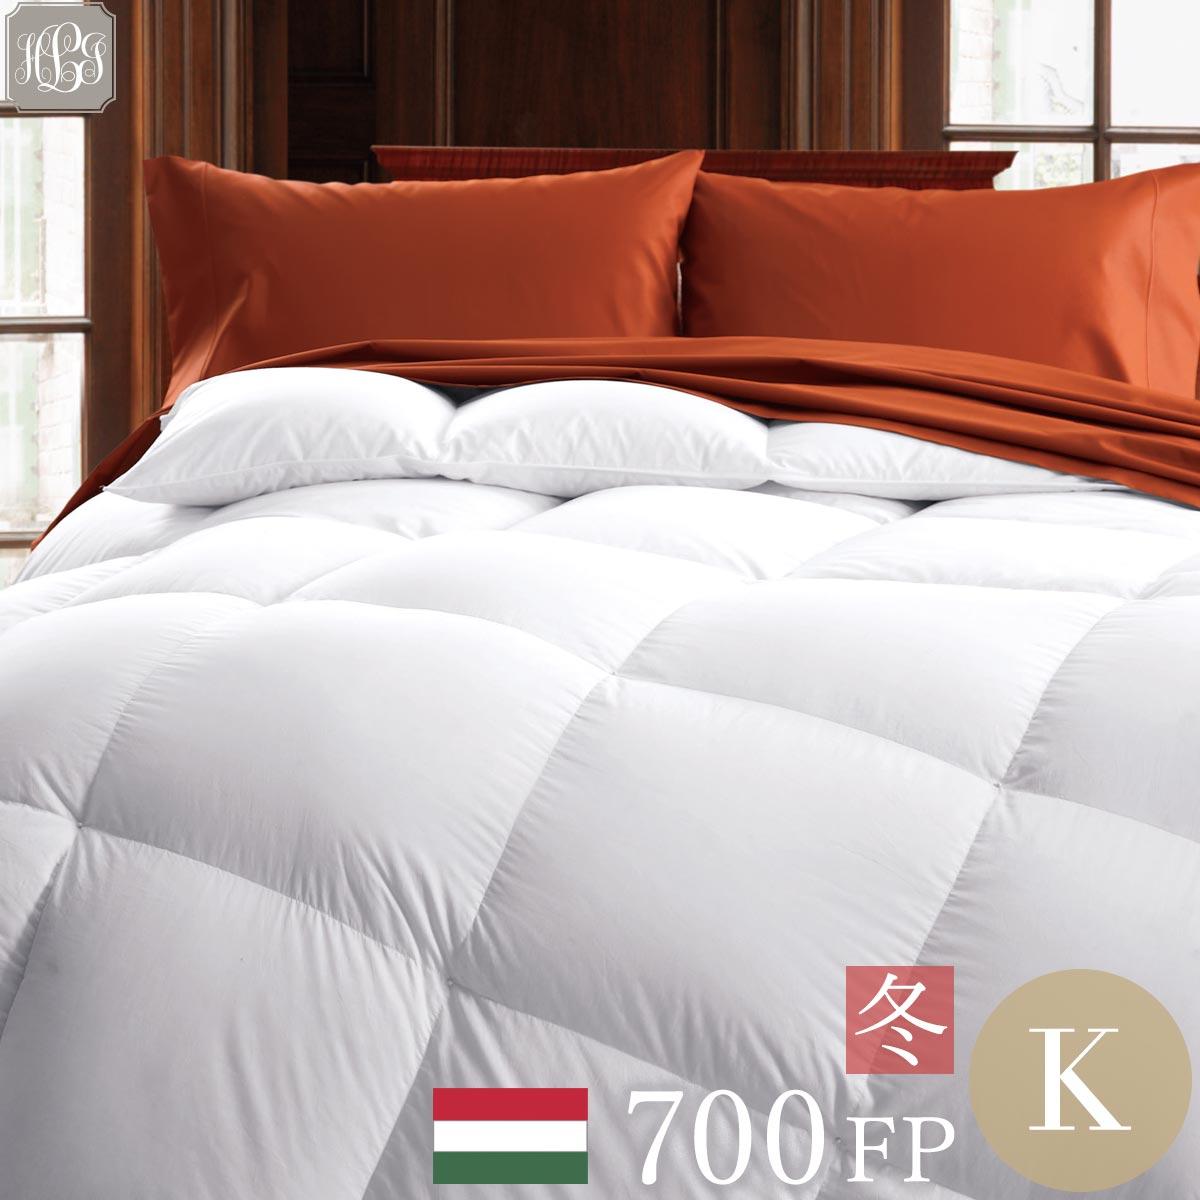 羽毛布団 キング 230cmx210cm 冬用 700FPヨーロピアンホワイトグースダウン 高級ホテル 超長綿100 暖かい 軽い